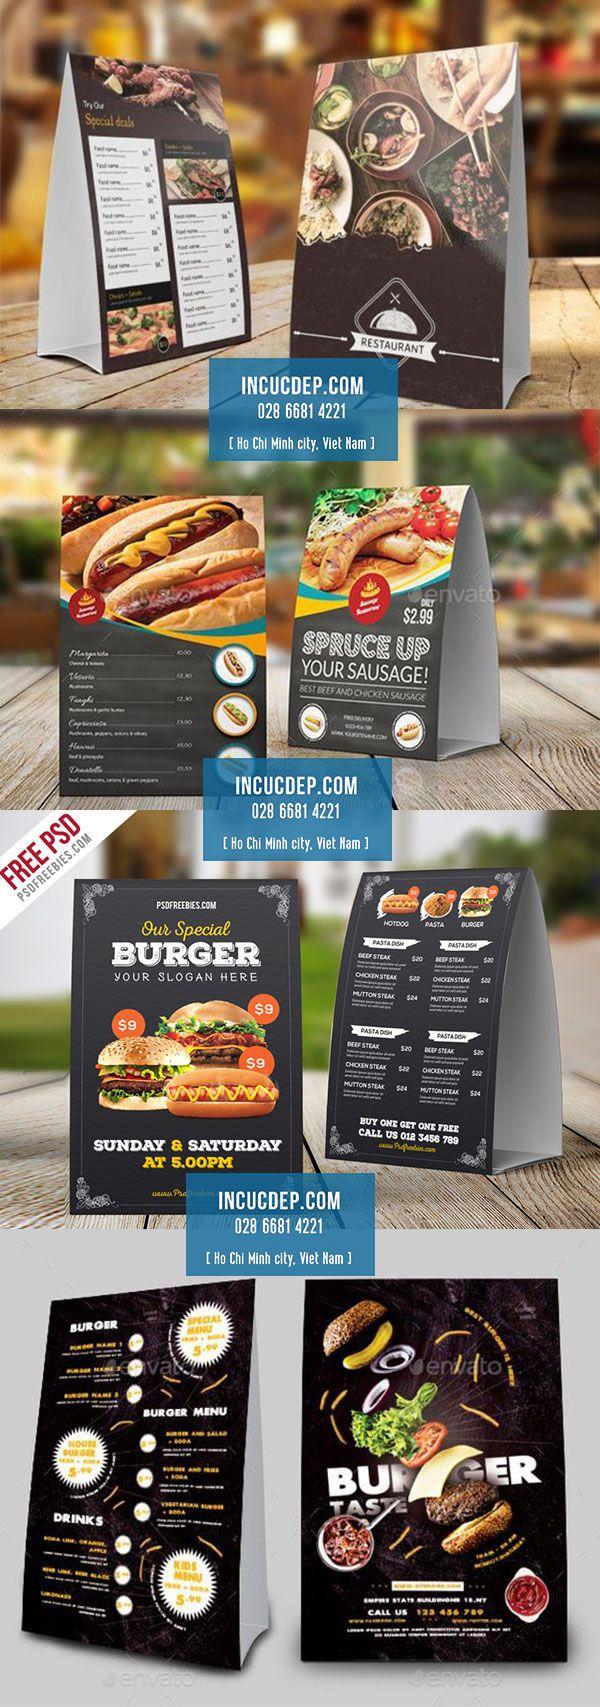 Mẫu menu để bàn quán ăn nhanh - menu chân chữ A